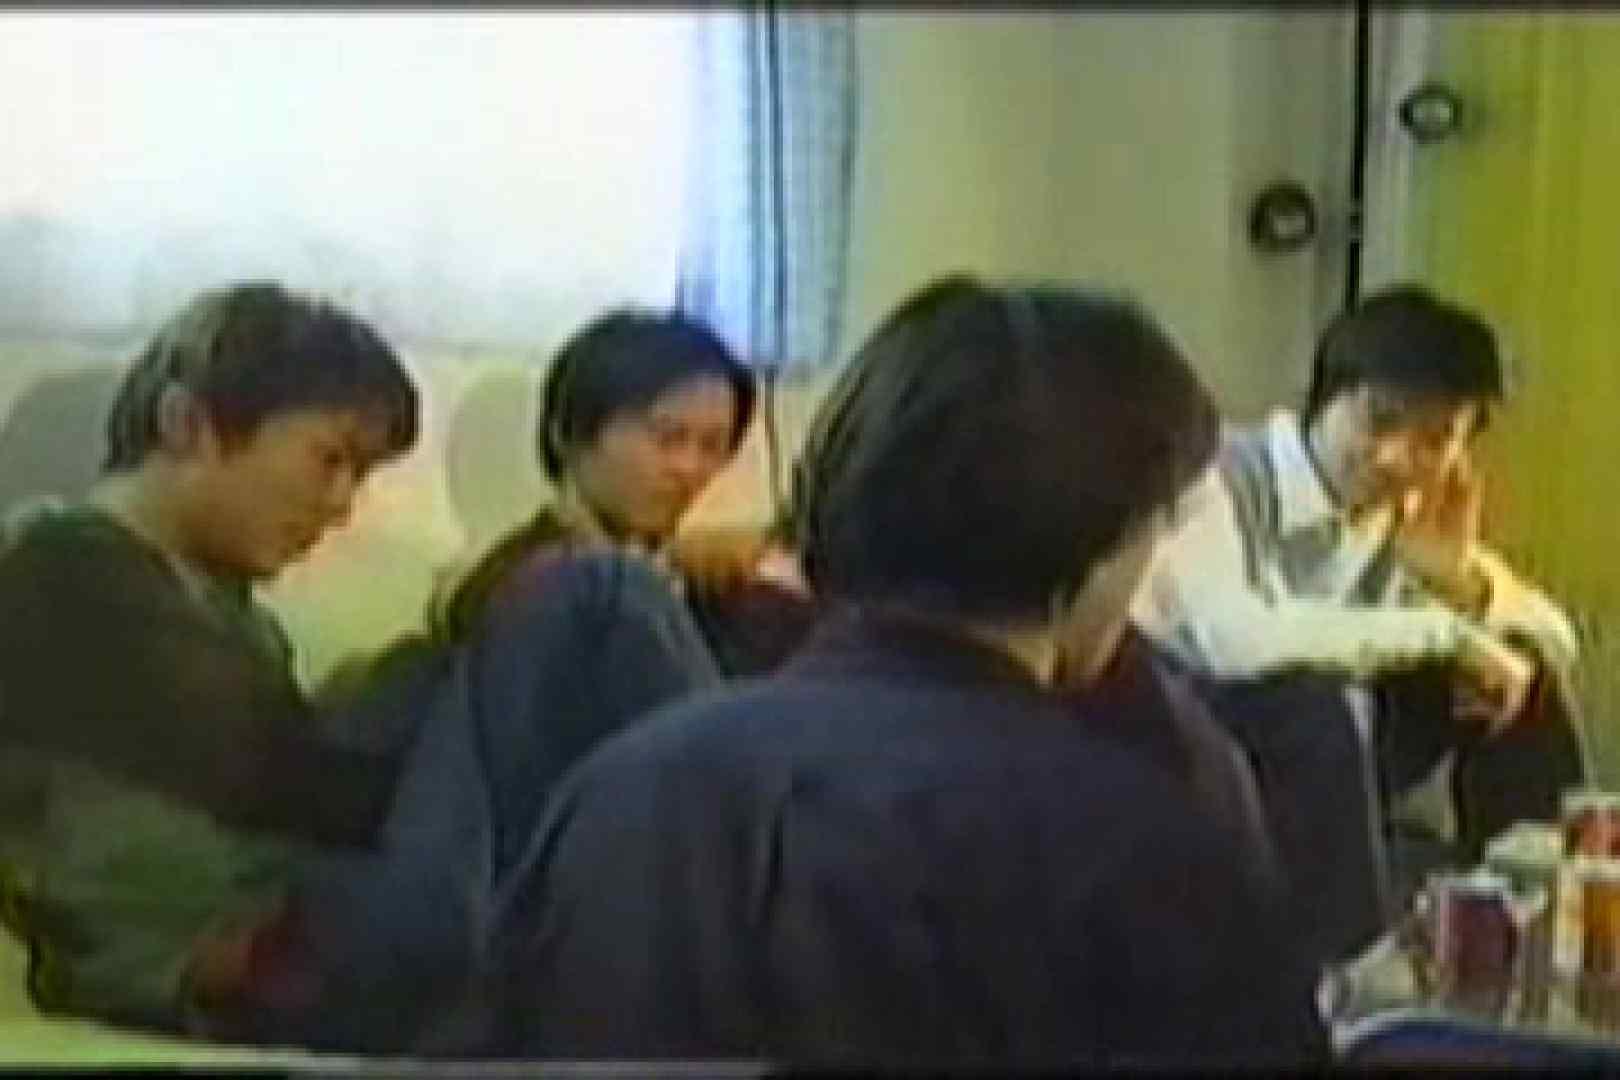 【流出】若者たちの集い 複数乱行プレイ ゲイフリーエロ画像 77pic 32